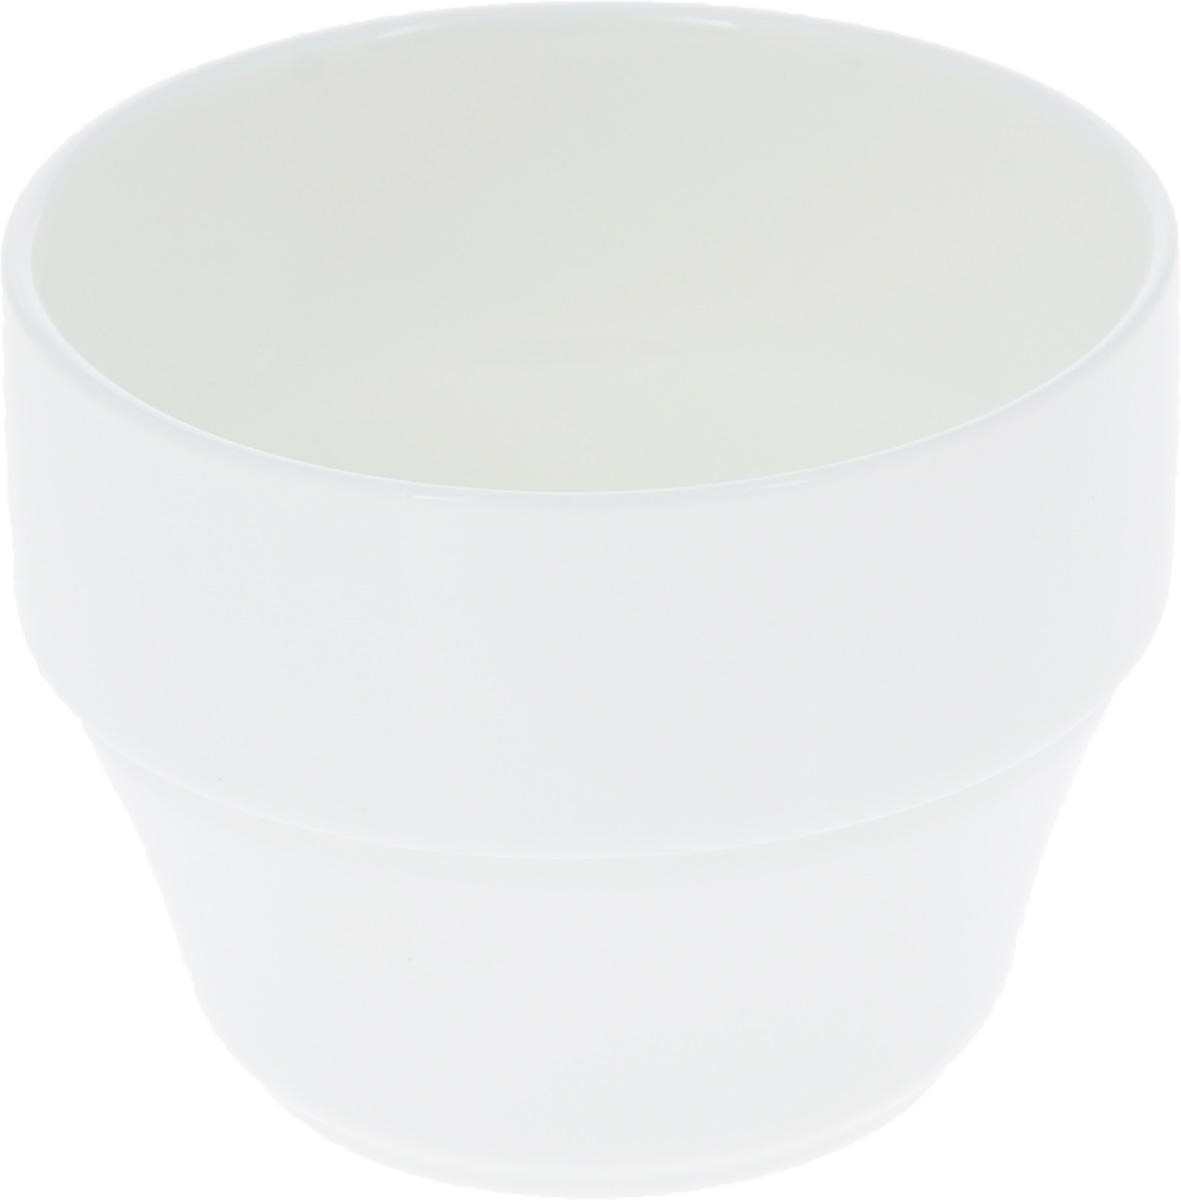 Кружка Wilmax, 180 млWL-993042 / AКружка Wilmax изготовлена из высококачественного фарфора, покрытого глазурью. Штабелируемая, то есть несколько кружек легко вставляются друг в друга. Такая кружка пригодится в любом хозяйстве, она функциональная, практичная и легкая в уходе. Не имеет ручки. Можно мыть в посудомоечной машине и ставить в микроволновую печь. Диаметр (по верхнему краю): 7,5 см. Высота стенки: 6 см.